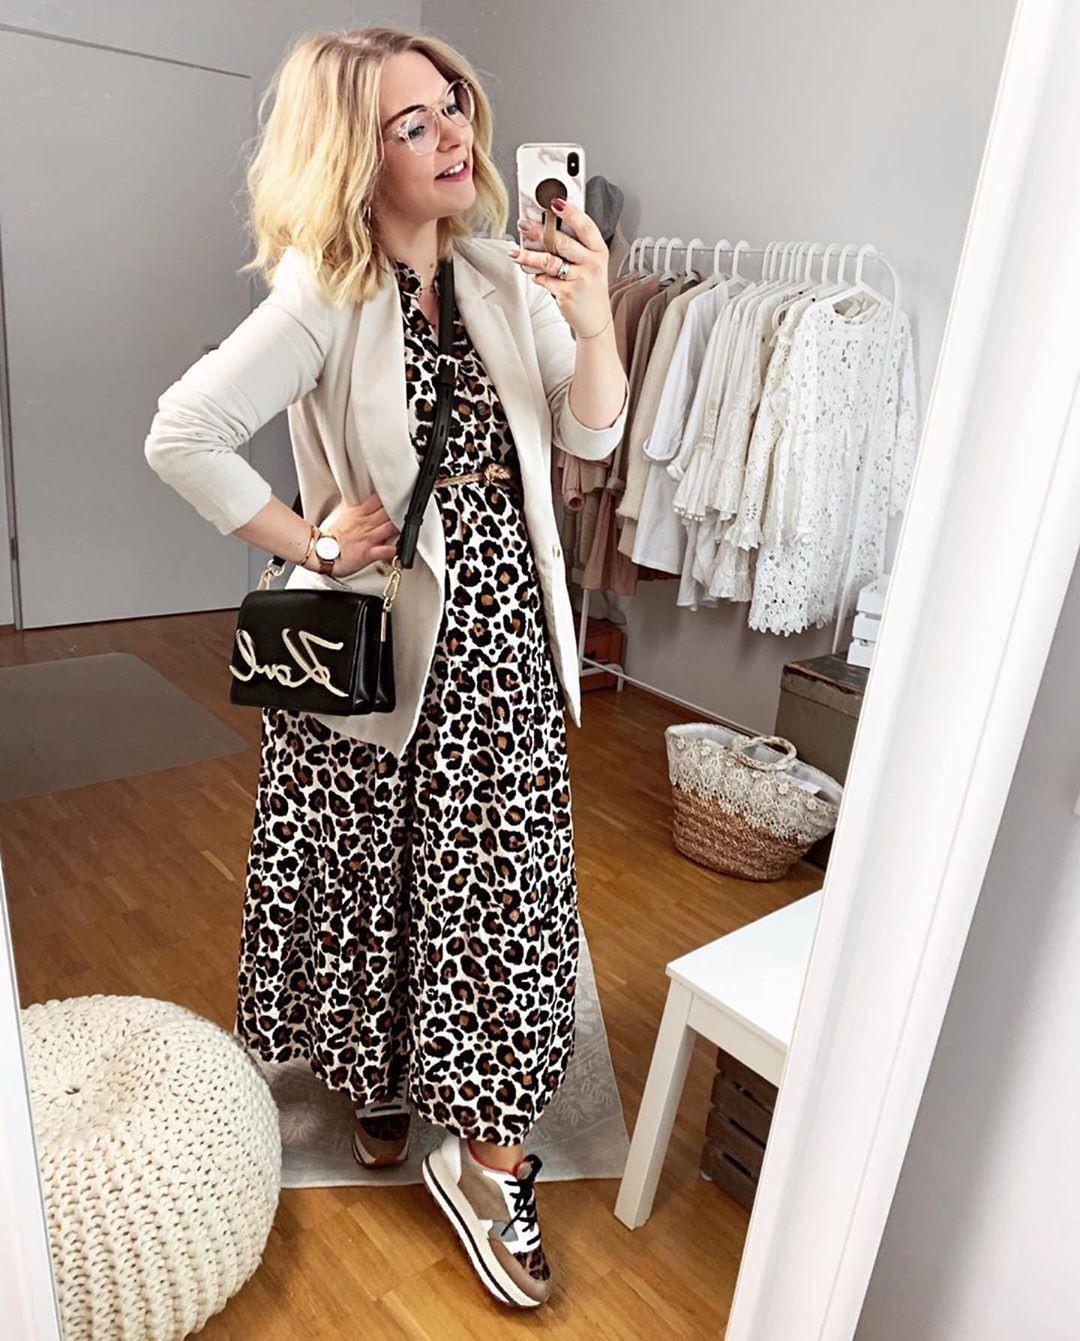 Elegant Schöne Kleider Für Den Herbst Stylish15 Spektakulär Schöne Kleider Für Den Herbst Galerie